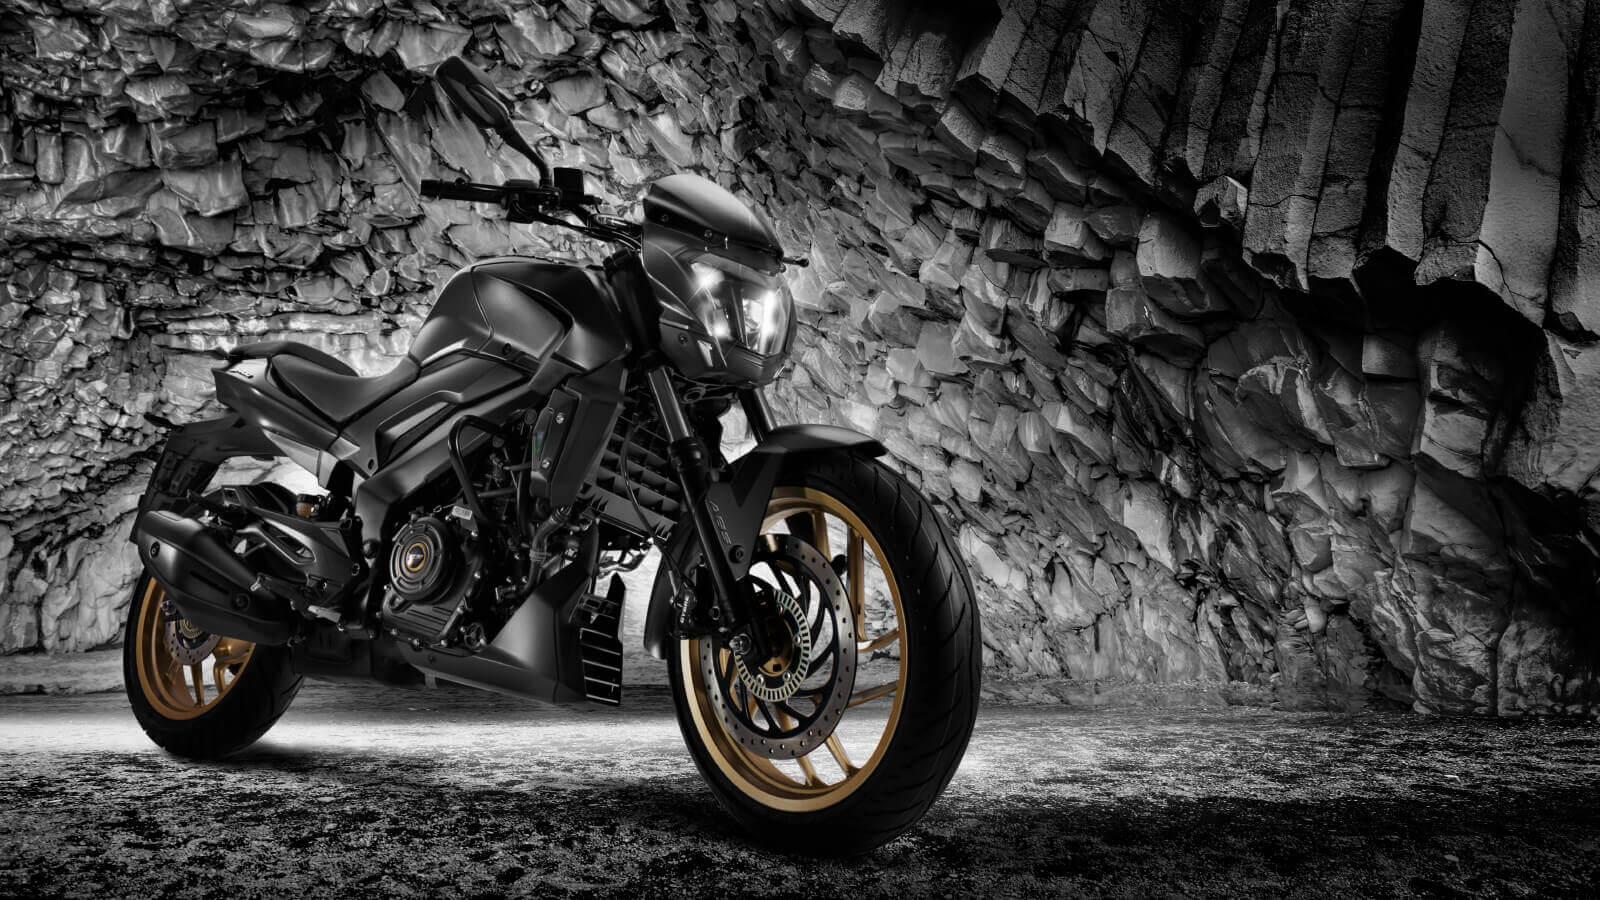 Top 10 Cruiser Motorbikes in India